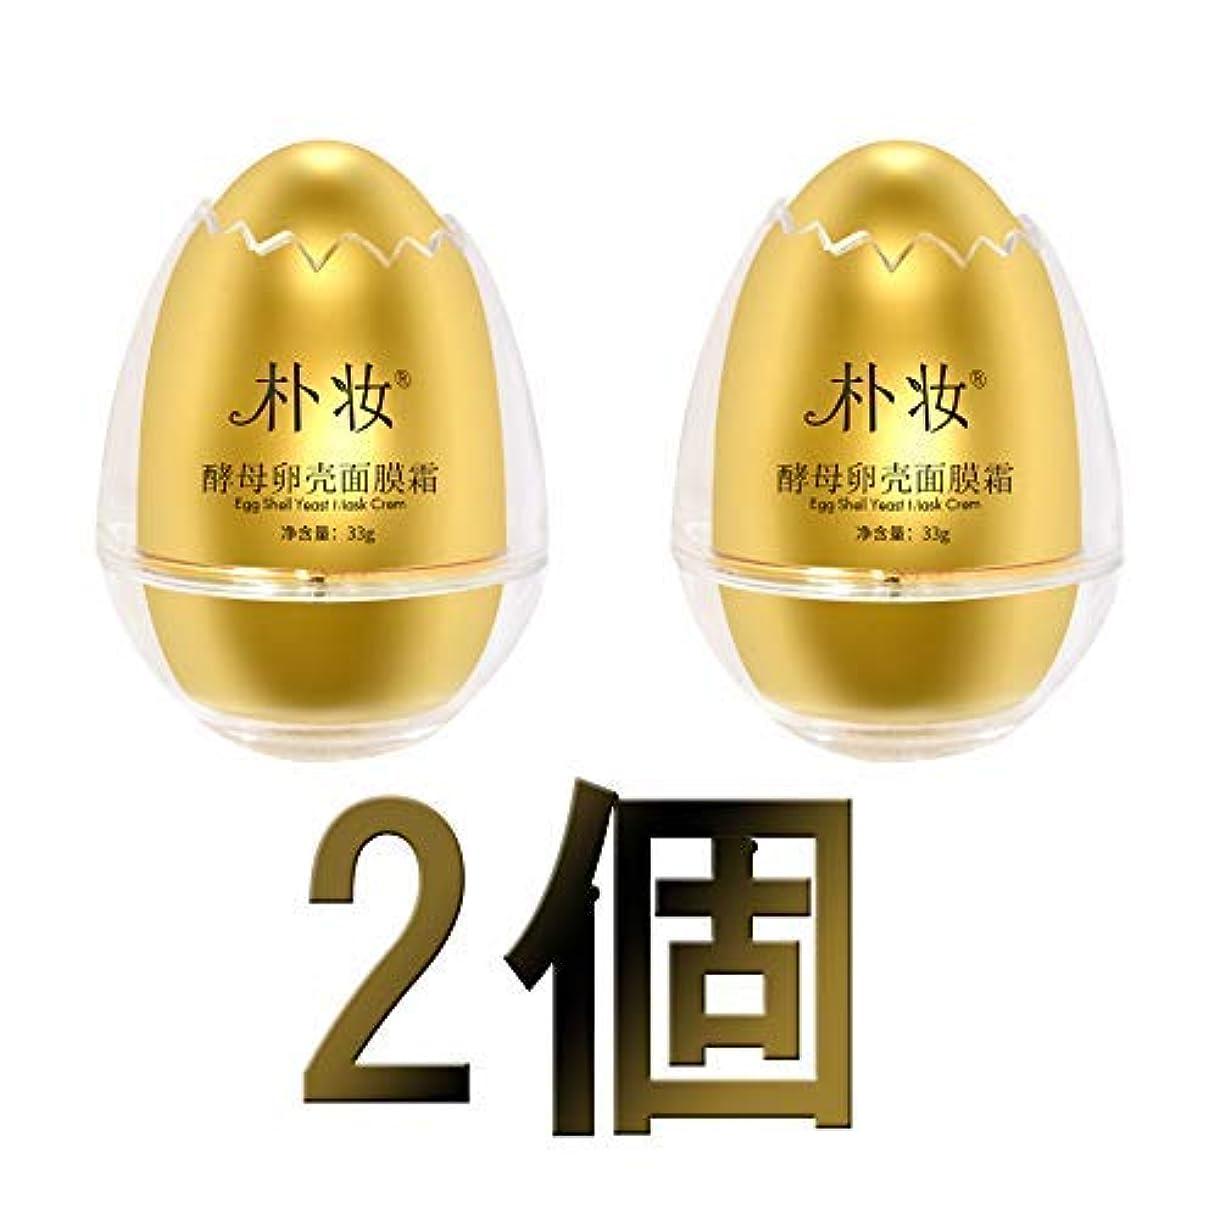 羨望非難するチップ朴妆たんたんパックx2個 酵母卵殻マスククリーム33g しっとりと た肌,シュリンクポア,しわ耐性,肌を引っ張る、